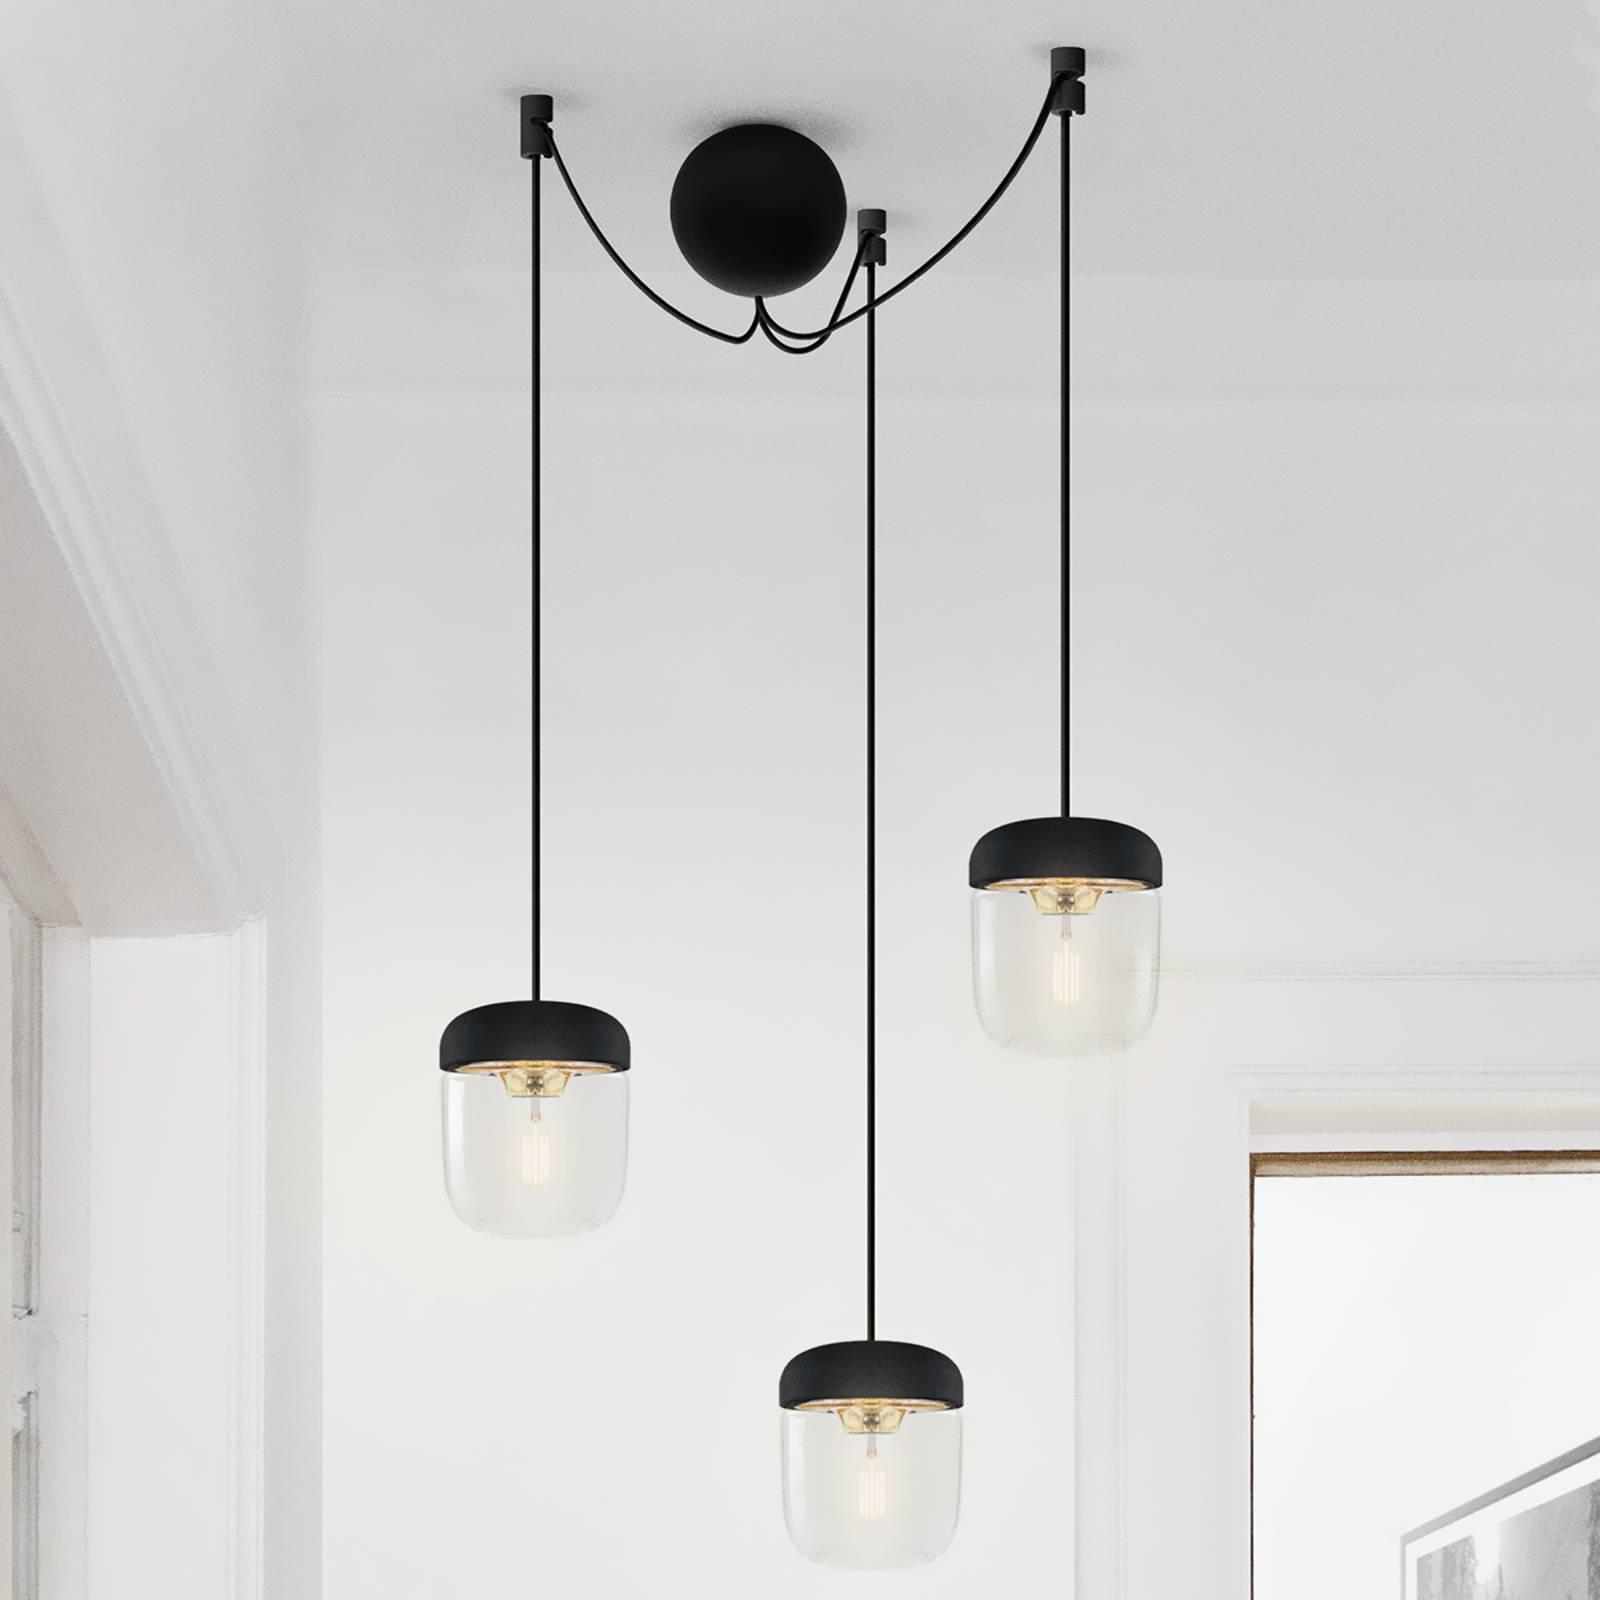 Lampa wisząca Acorn, 3-punktowa, czarny i mosiężny